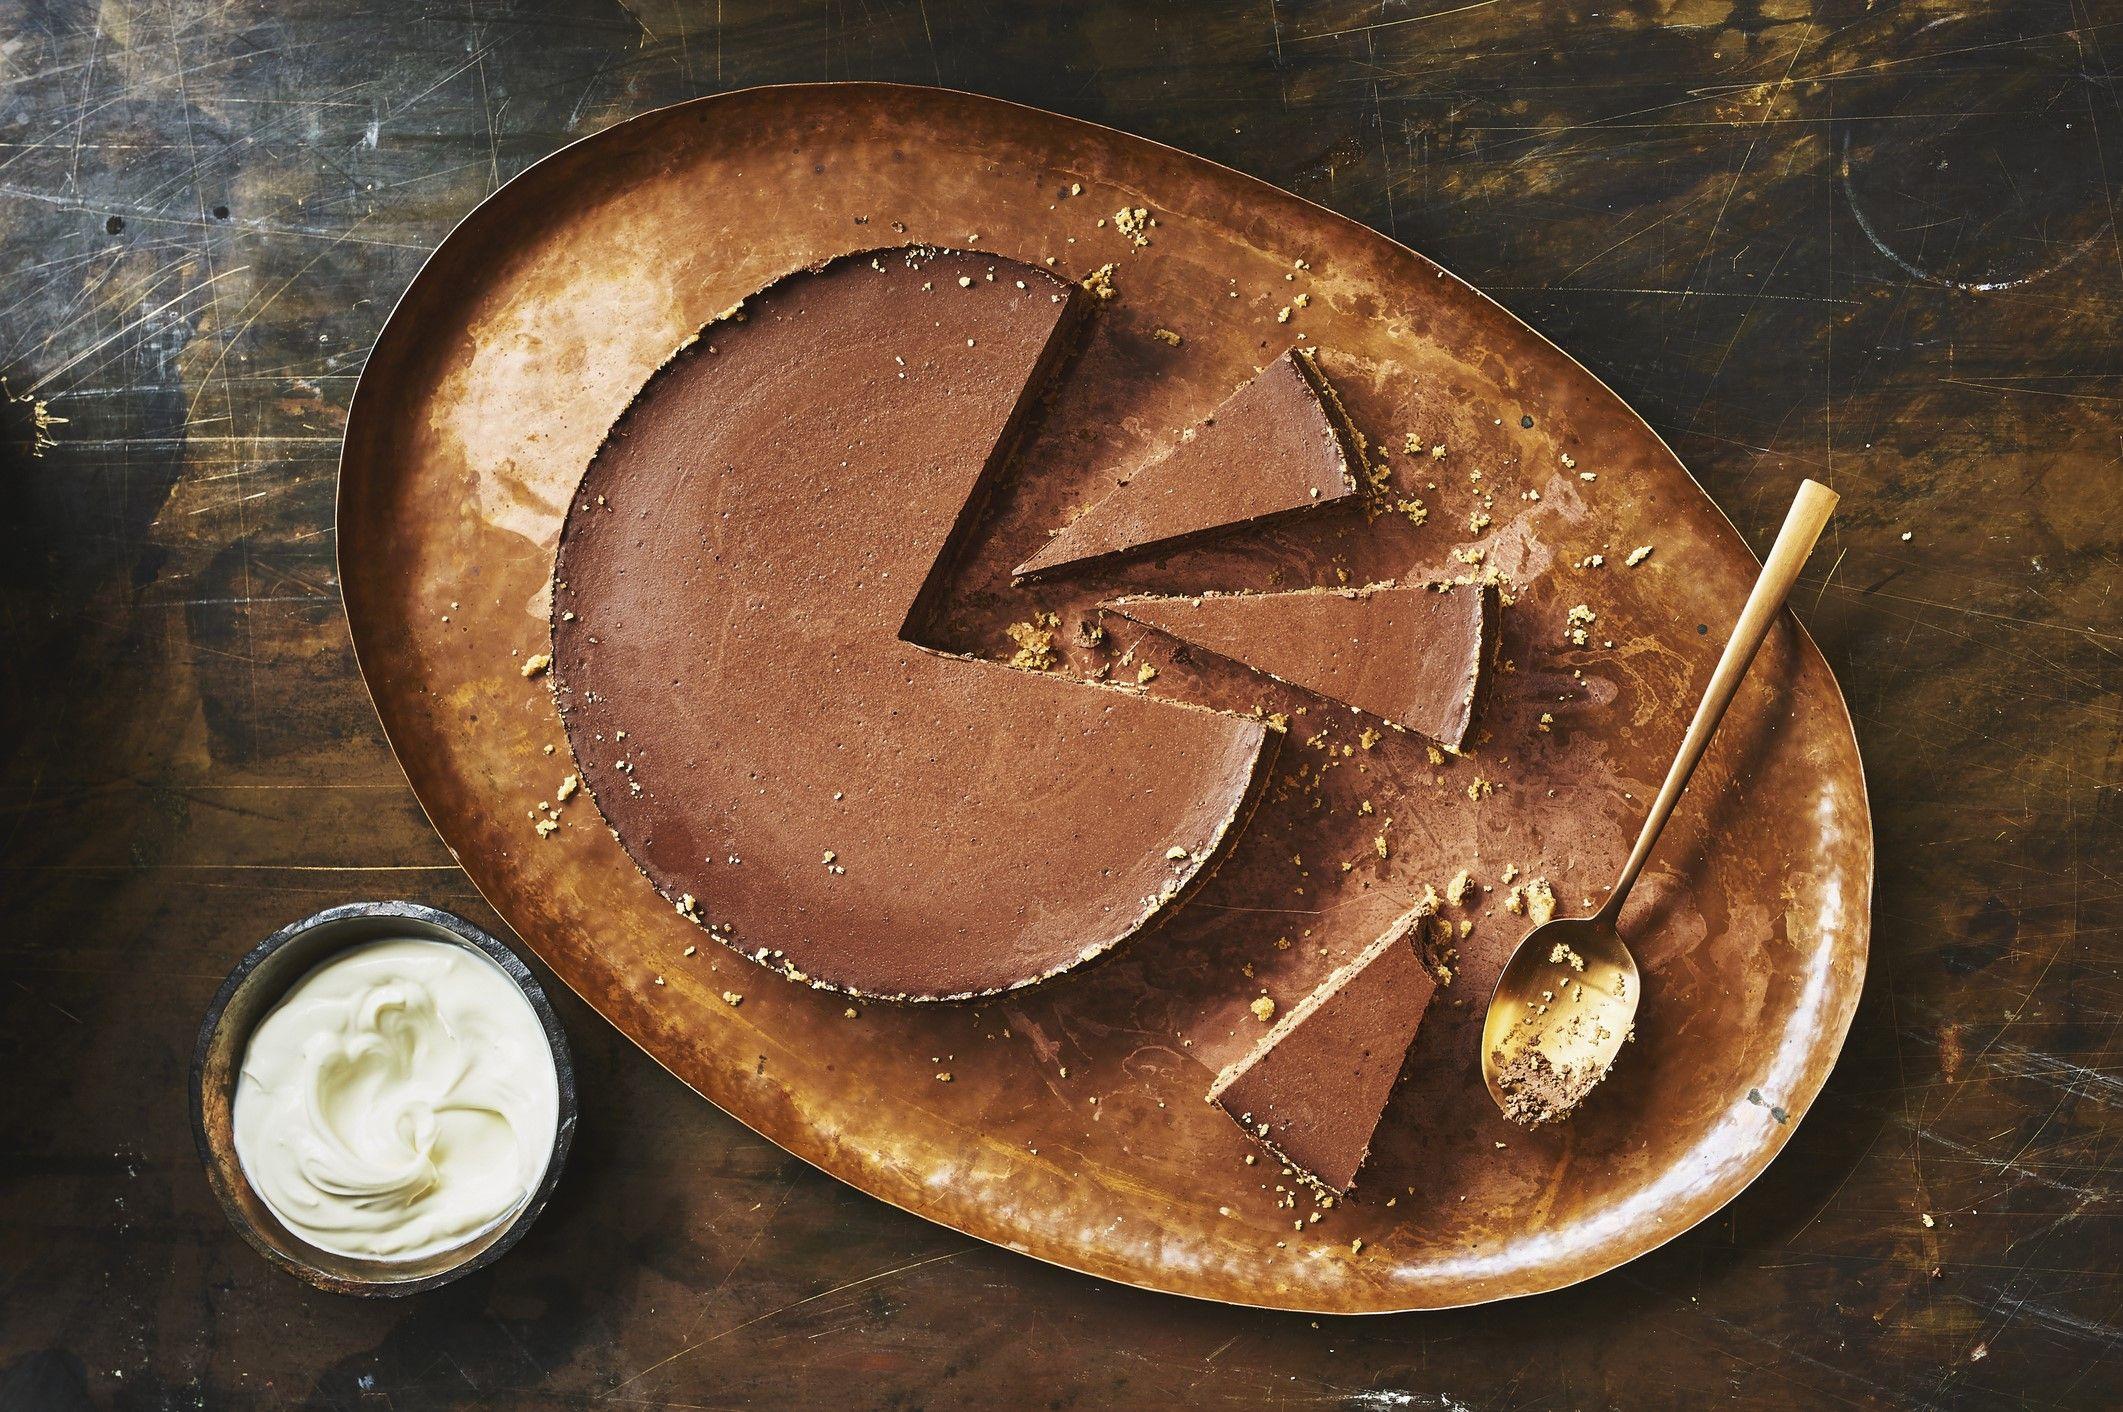 La ricetta della cheesecake alla Nutella è la soluzione definitiva per superare l'inverno con energia galattica